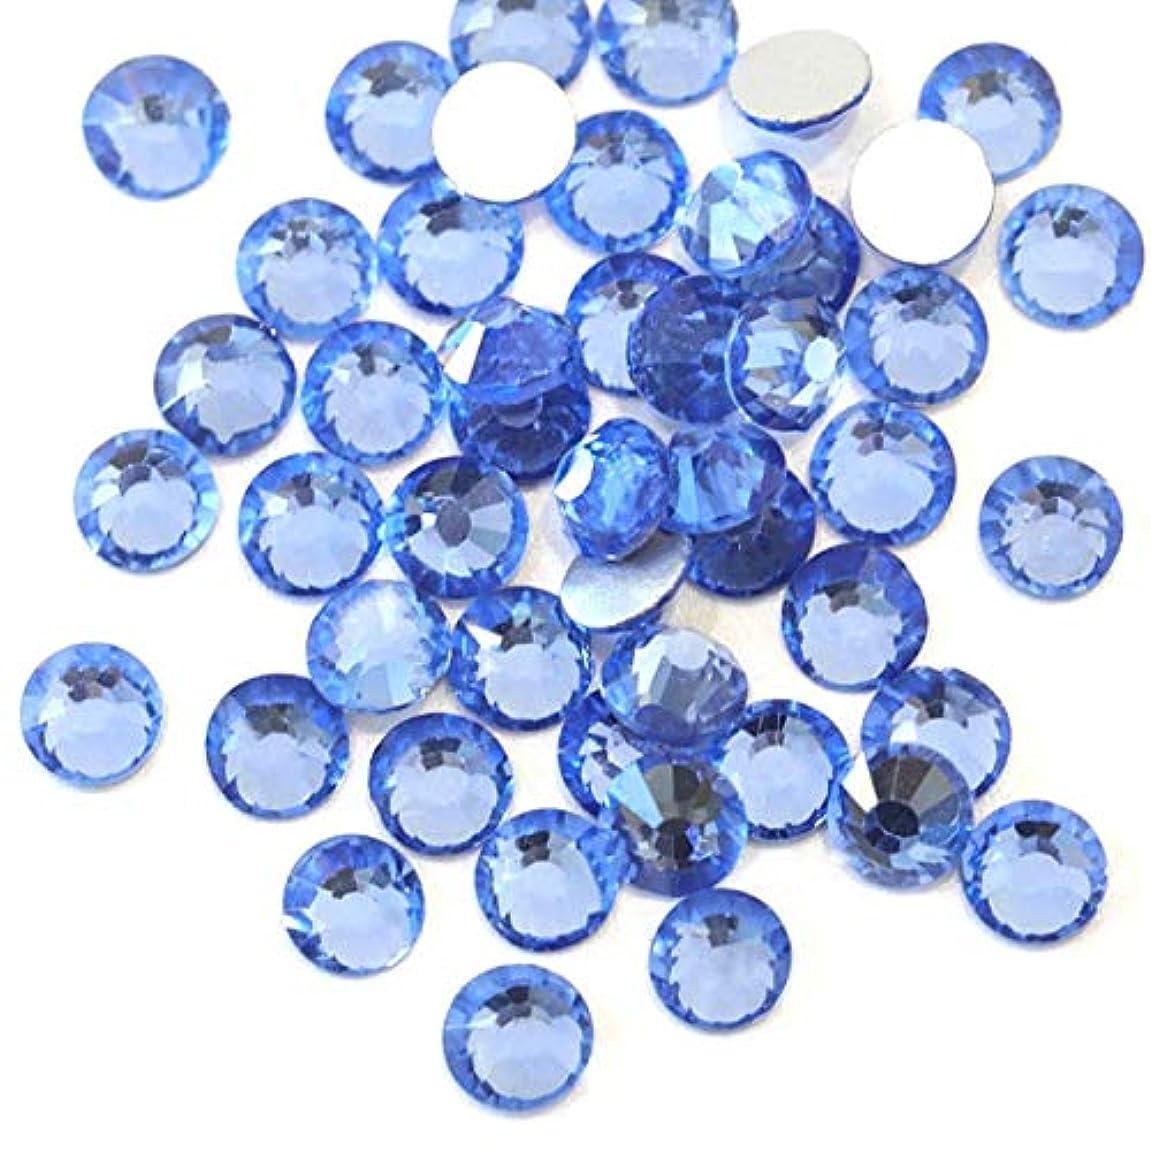 十はっきりしないすぐに【ラインストーン77】高品質ガラス製ラインストーン ライトサファイア(6.3mm (SS30) 約45粒)